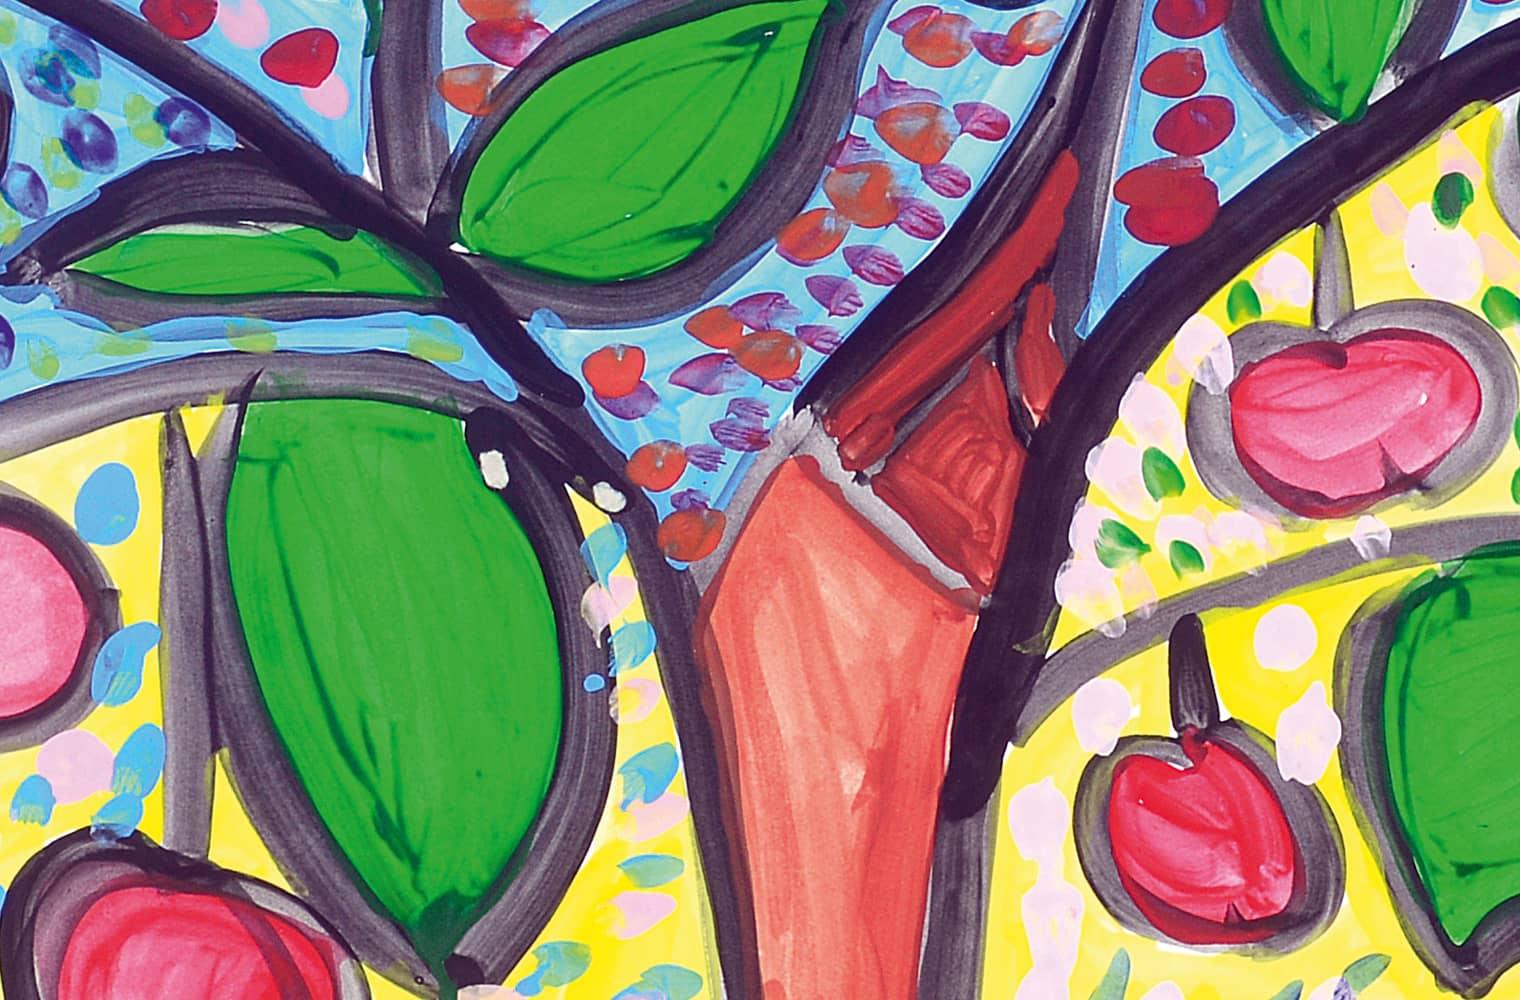 Ein Herbstbild, das durch seine Farbenvielfalt besticht. Es leuchtet in Grün, Gelb, Blau, Orange und Rot. Zu sehen sind Äpfel, Blätter und ein Stamm.